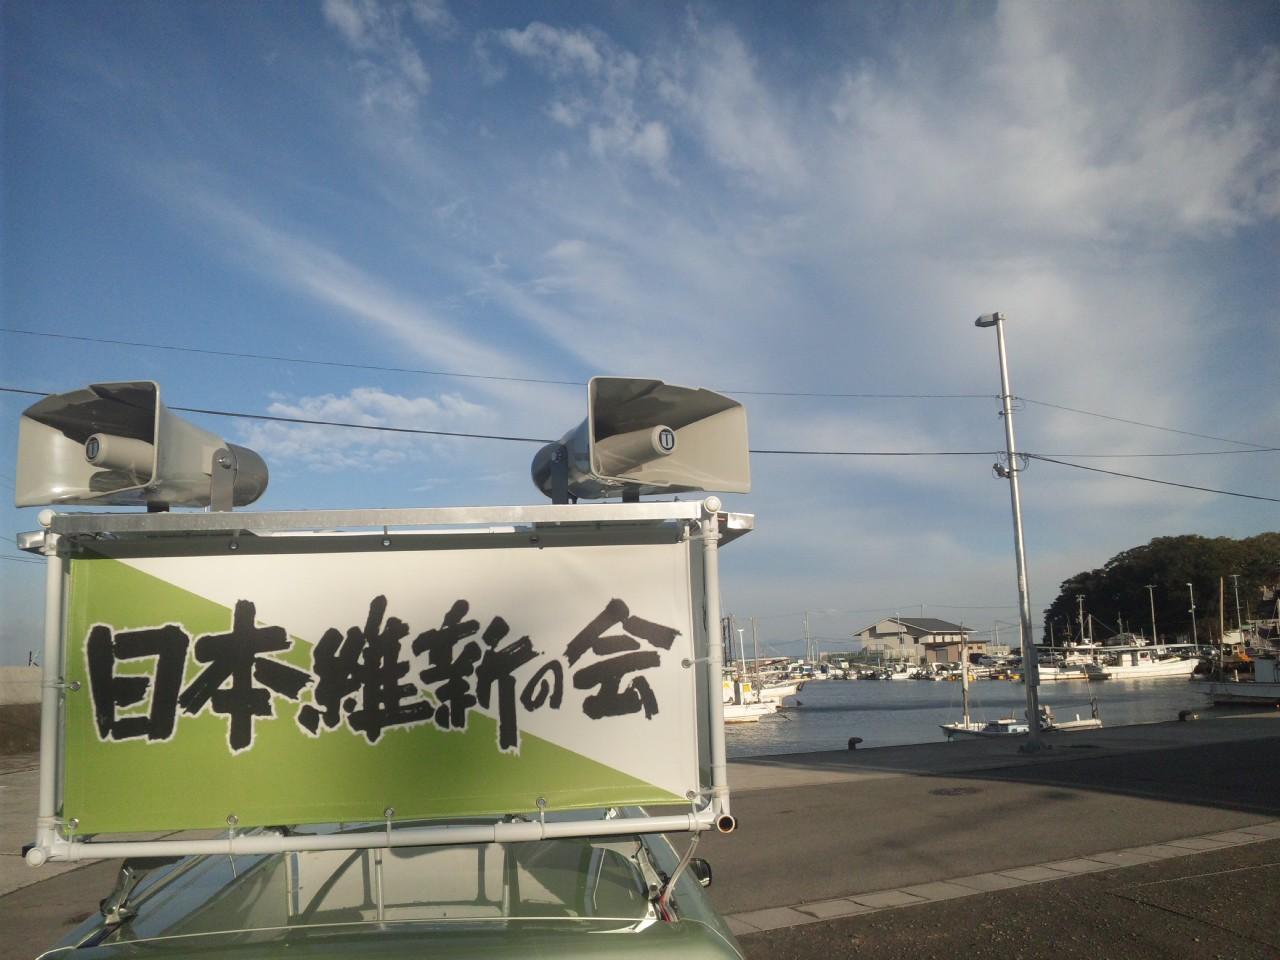 おはようごさいます!久しぶりの青空で〜す!朝イチ、大阪府最西端のまちからスタートです!【衆院選2017<br />  】